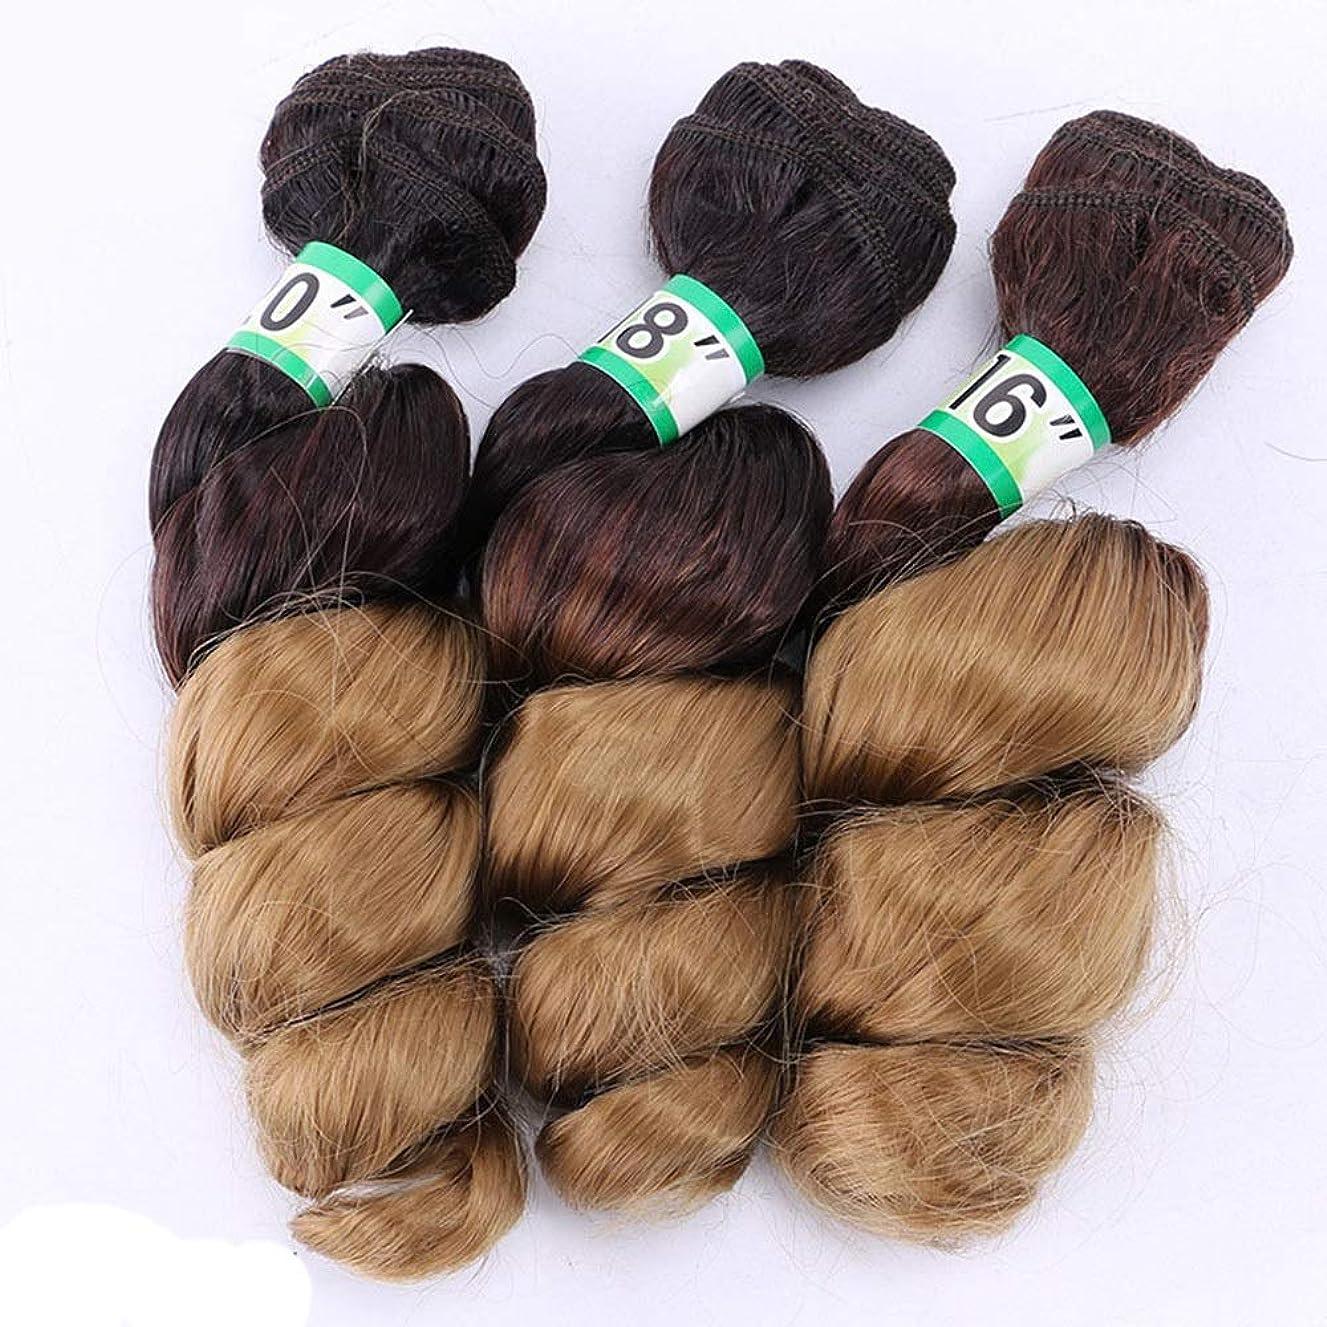 クレタジェーンオースティン消費するYrattary ルースウェーブヘアスタイリング3バンドルブラジルのヘアエクステンション - T4 / 27#茶色がかった黄色(16